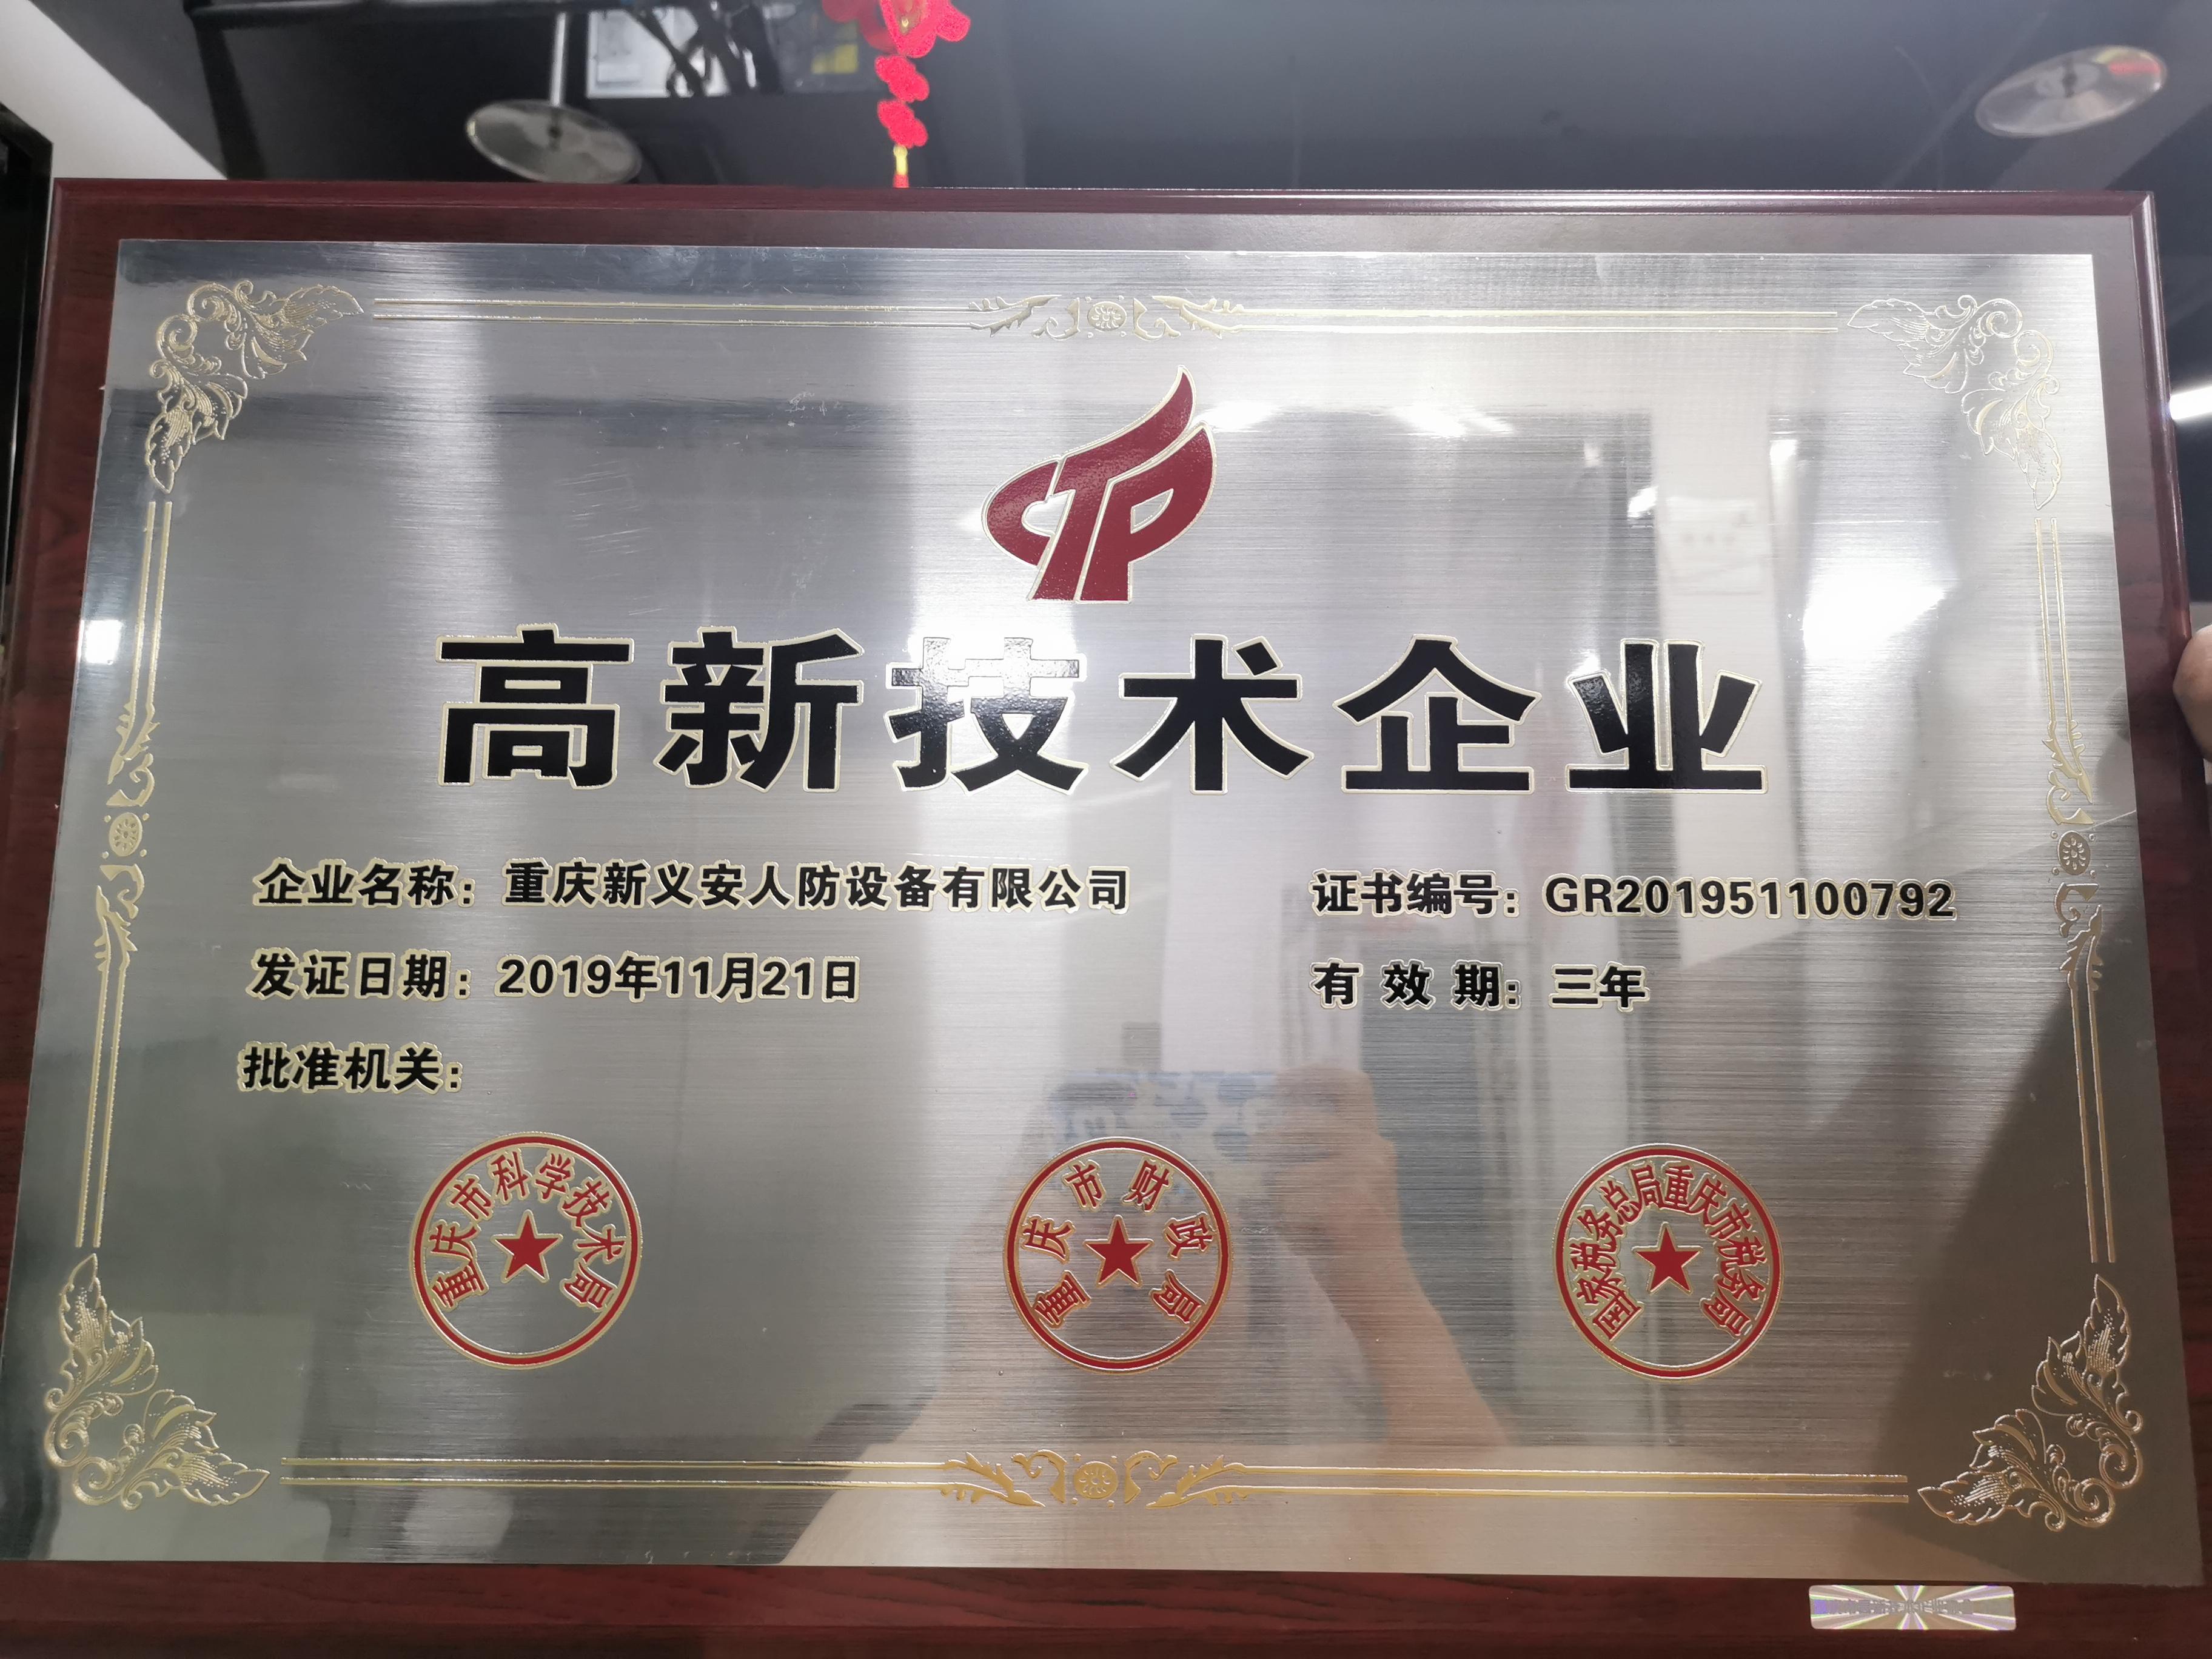 """热烈祝贺我公司获得""""高新技术企业证书"""""""